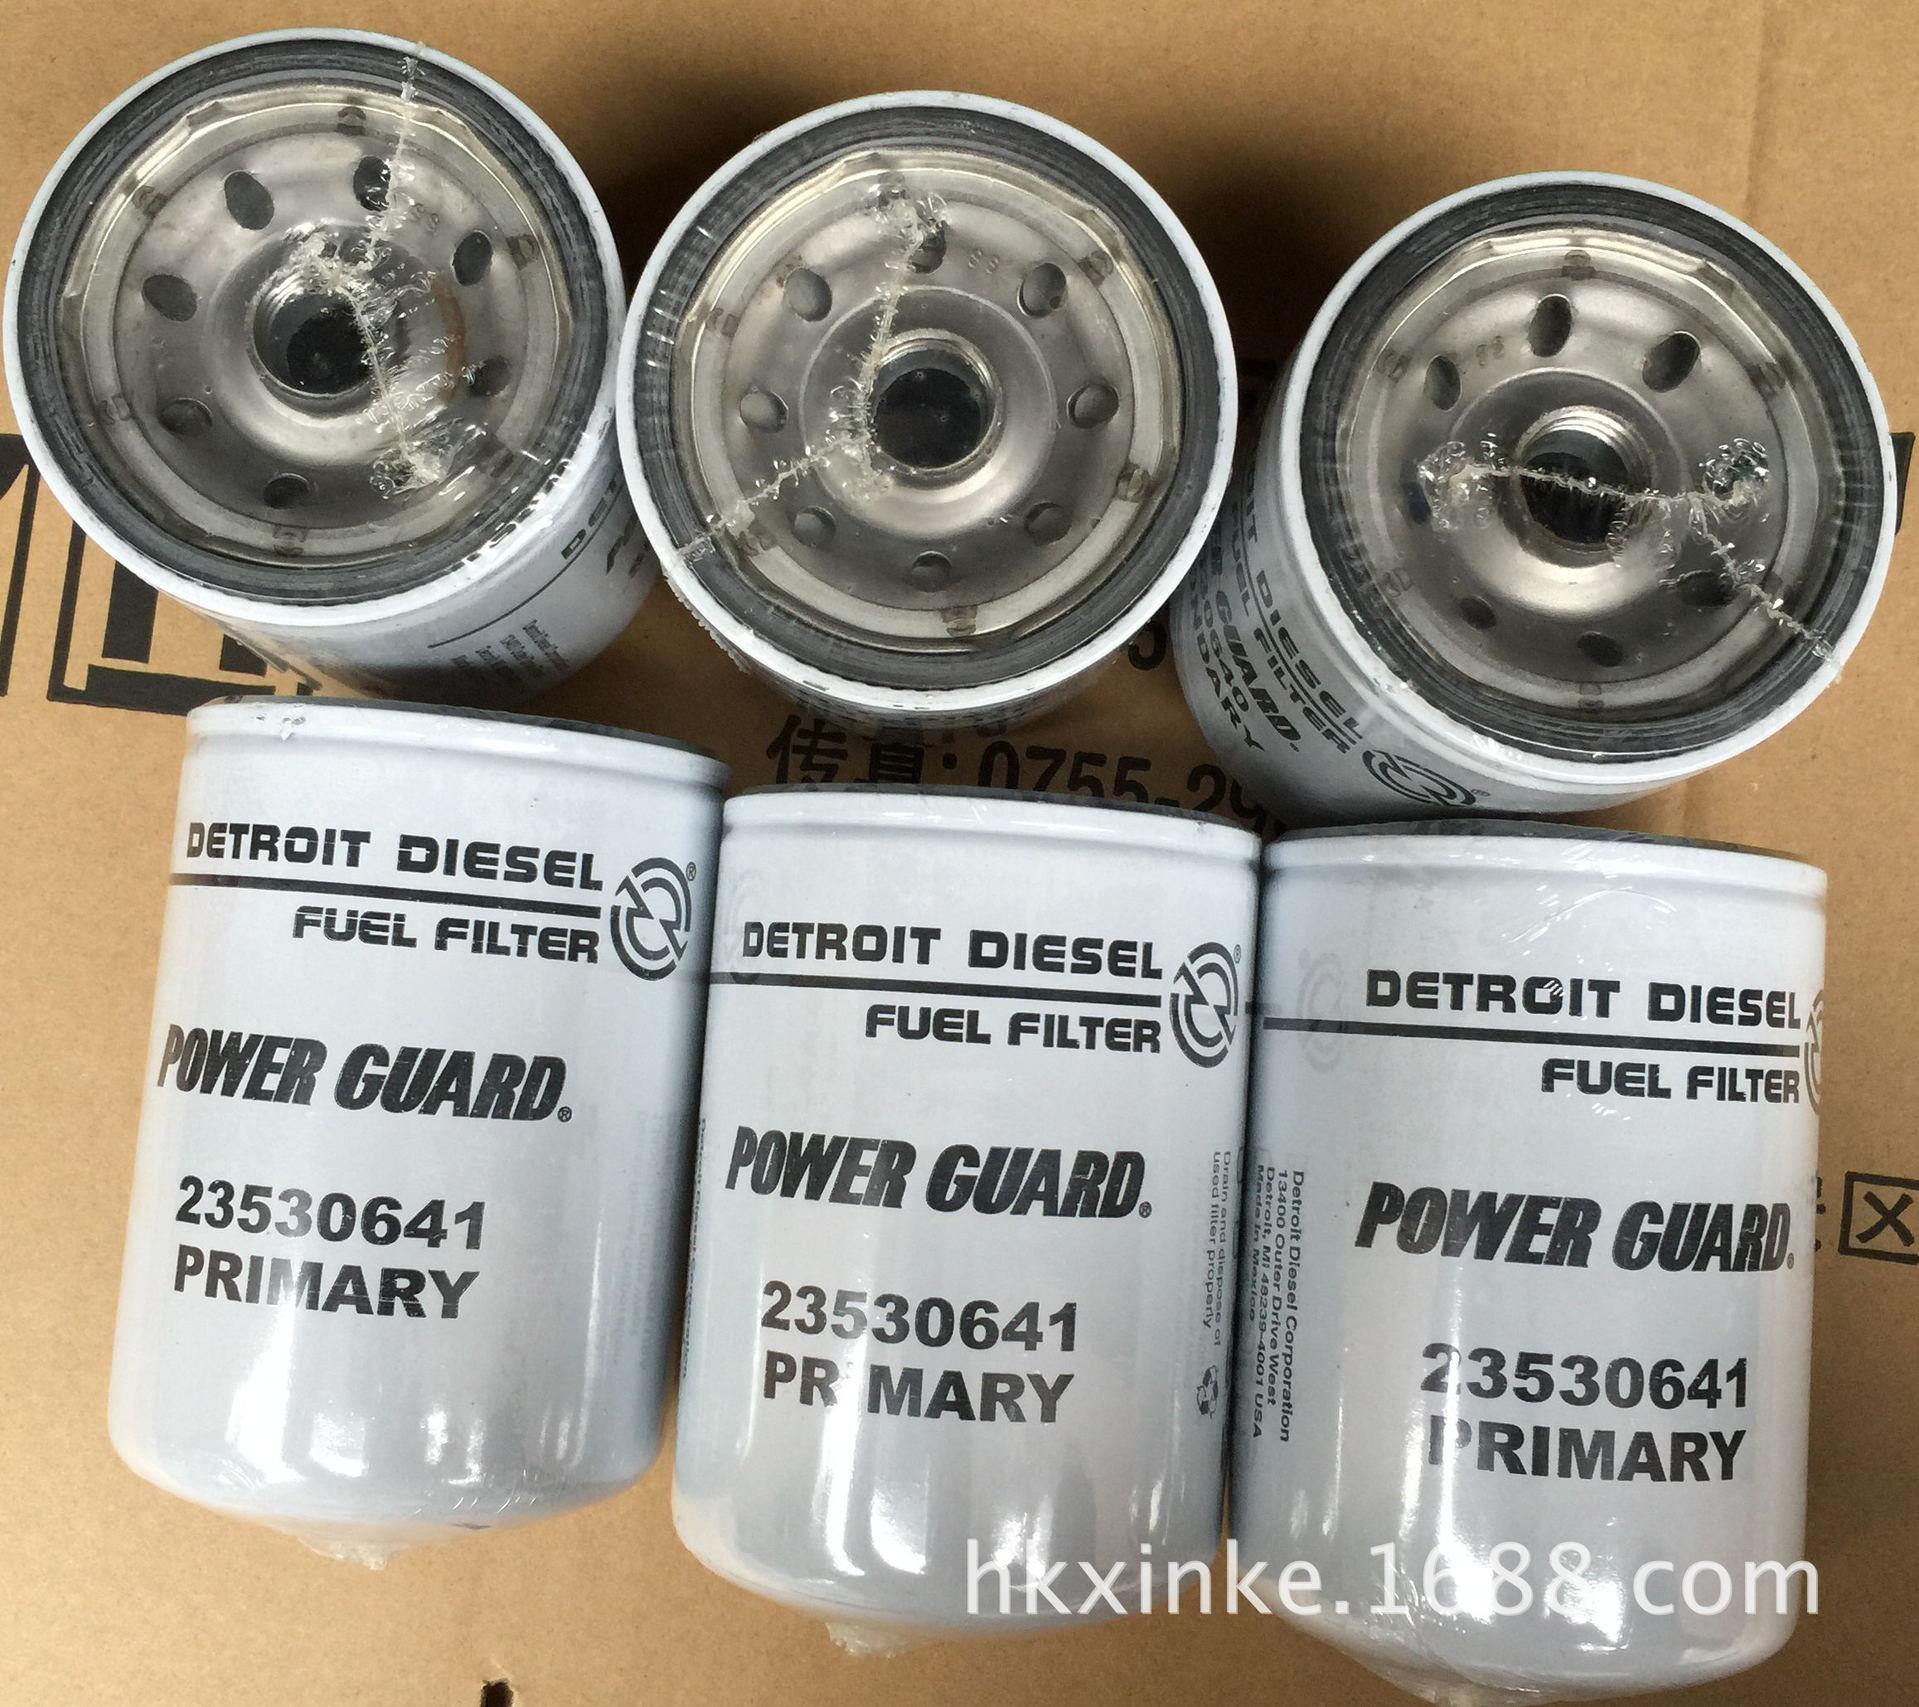 美国底特律柴油发动机组维修保养,底特律柴油机组大修包23512682